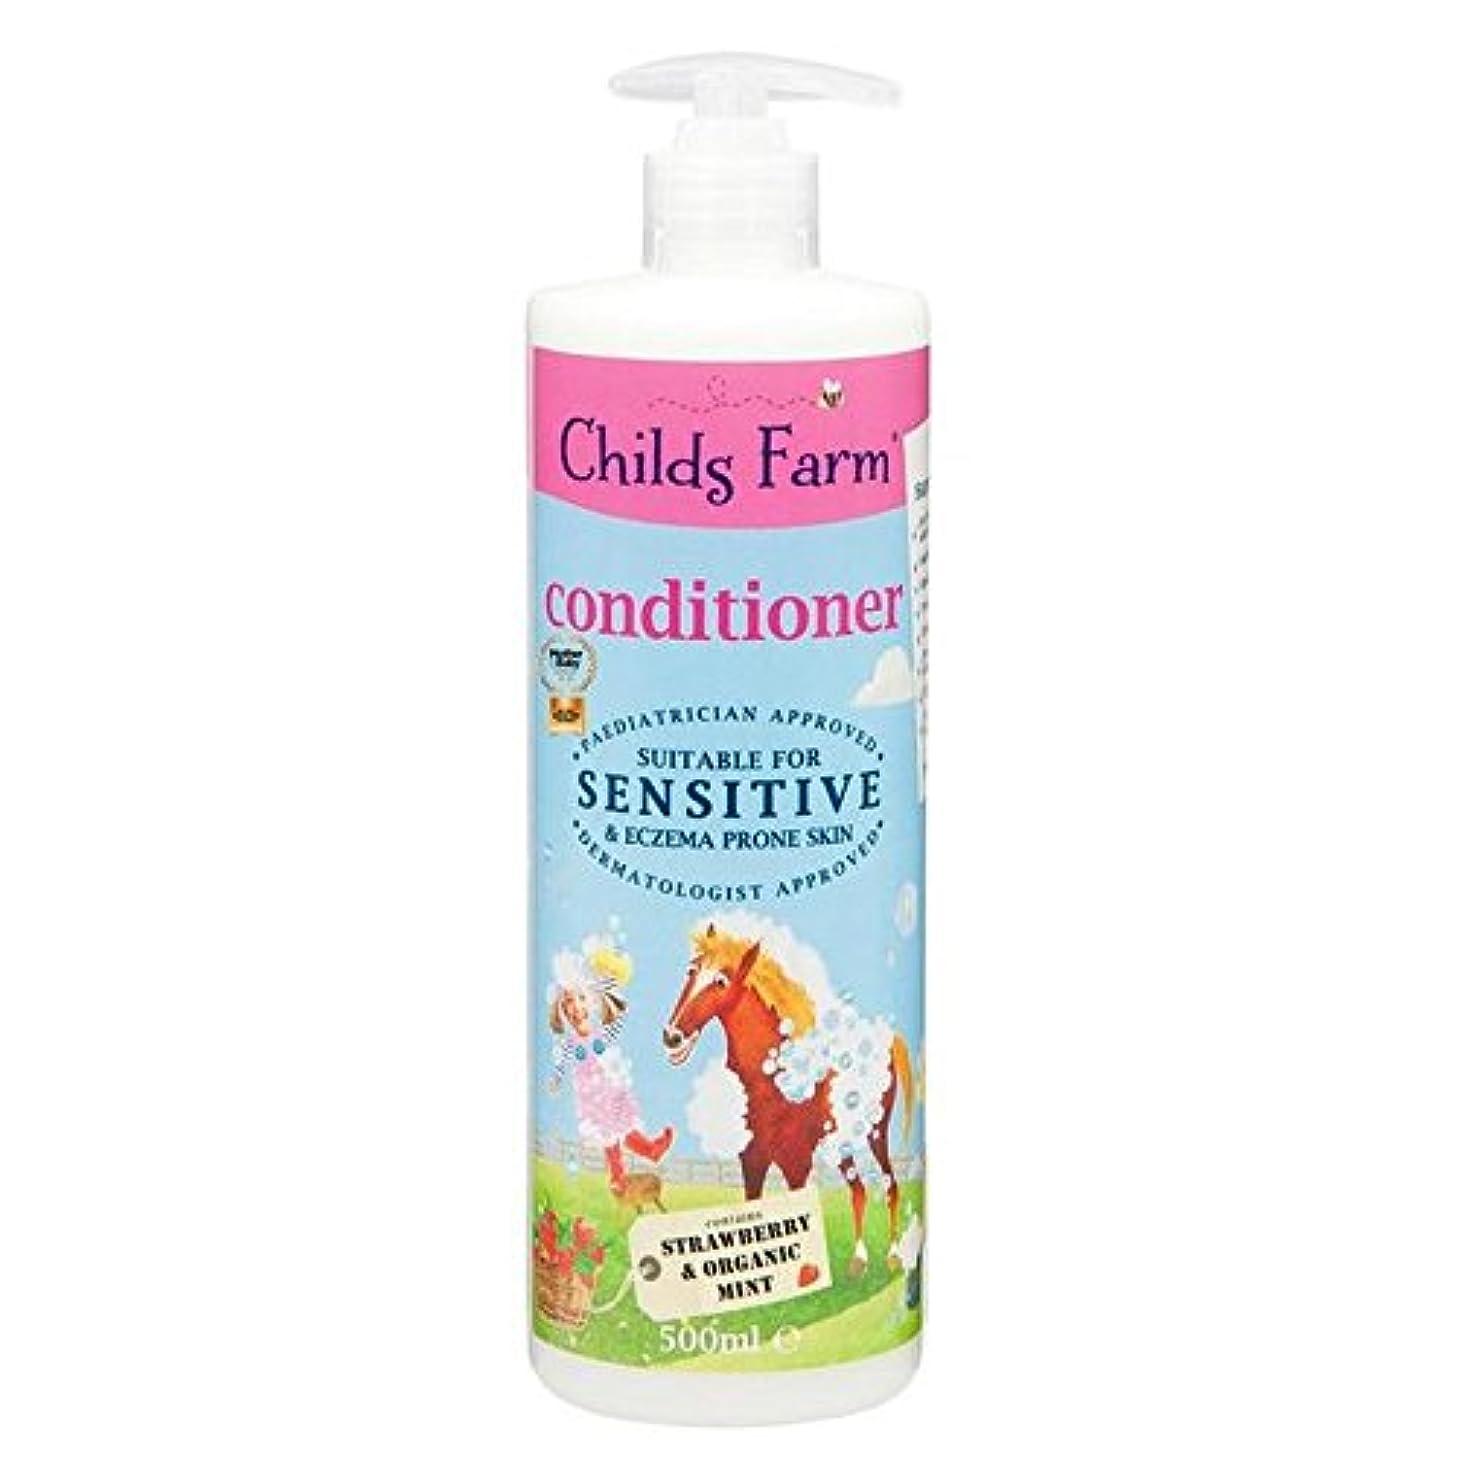 手に負えない髪の500ミリリットルのためのチャイルズファームコンディショナー x2 - Childs Farm Conditioner for Unruly Hair 500ml (Pack of 2) [並行輸入品]